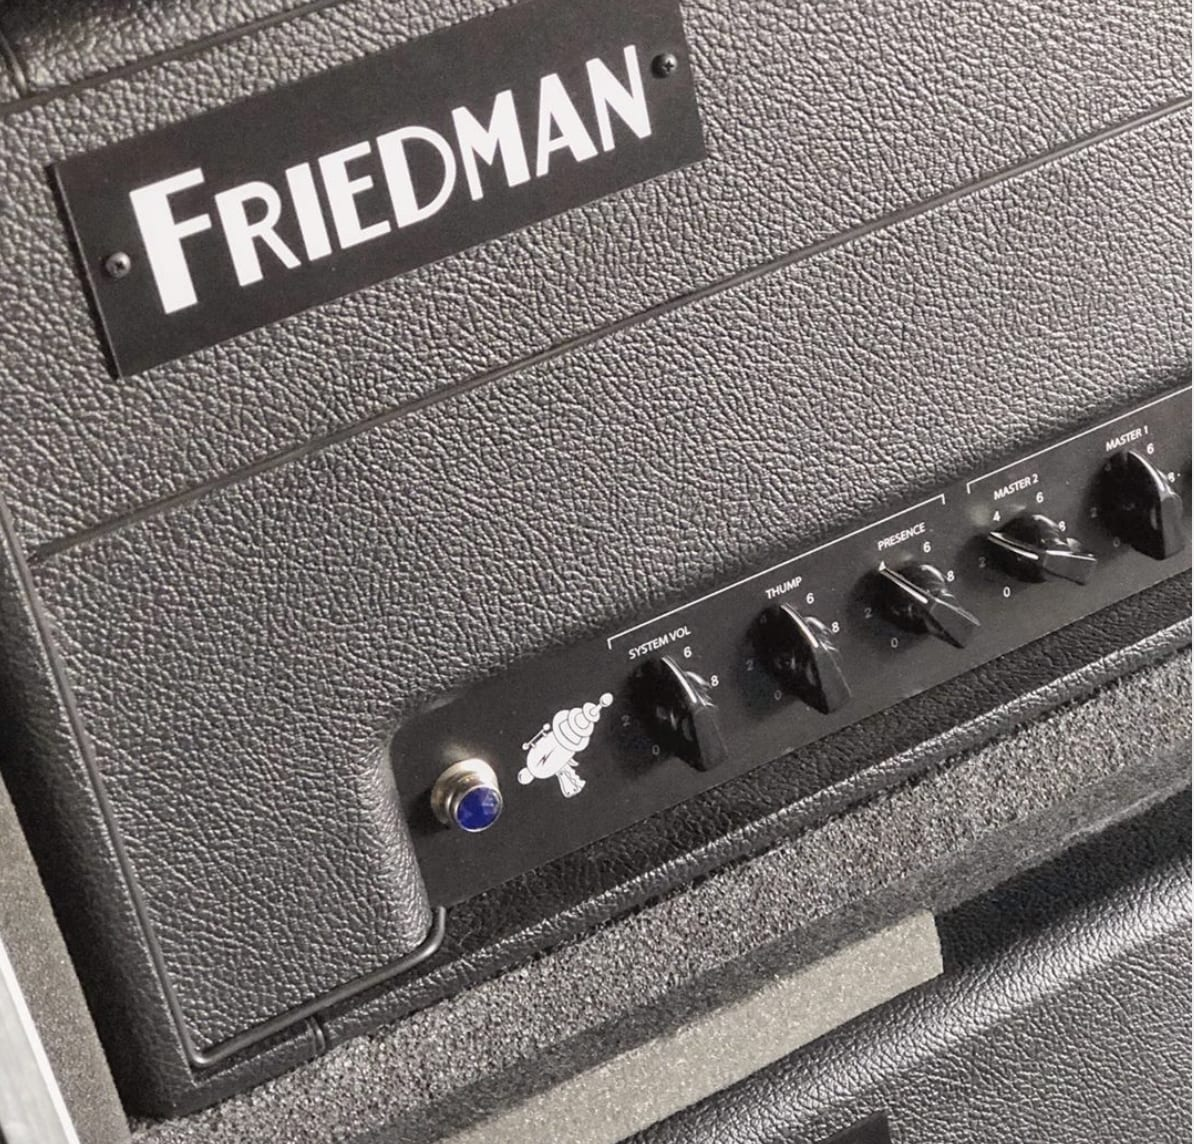 Friedman Steve Stevens new updated head